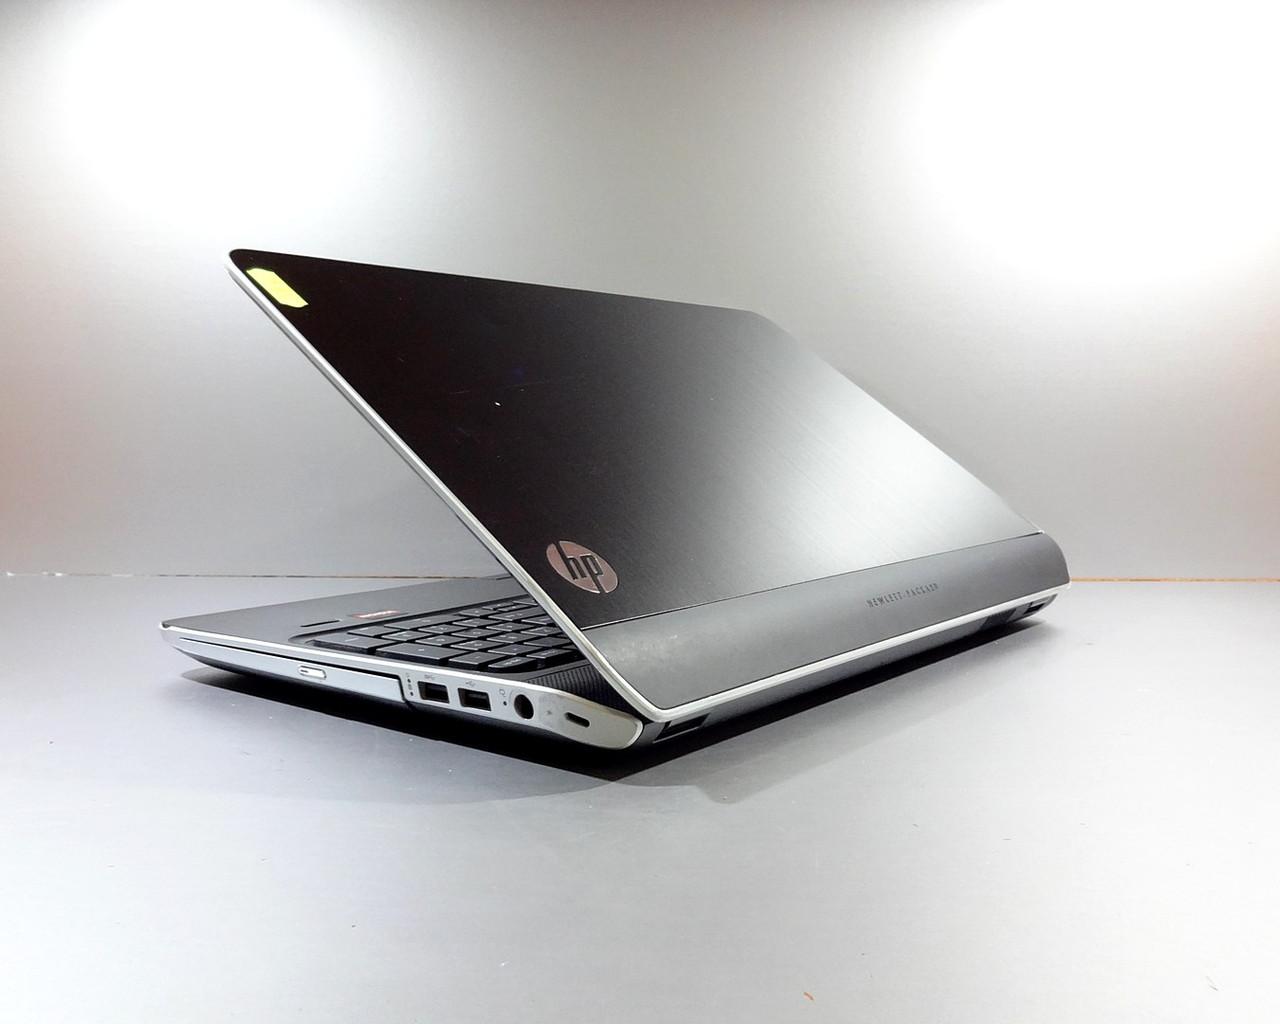 """Ноутбук HP Pavilion DV6-7210US 15,6"""" A8-4500M 1.9Ghz, 6Gb DDR3, 500Gb. Гарантия!"""